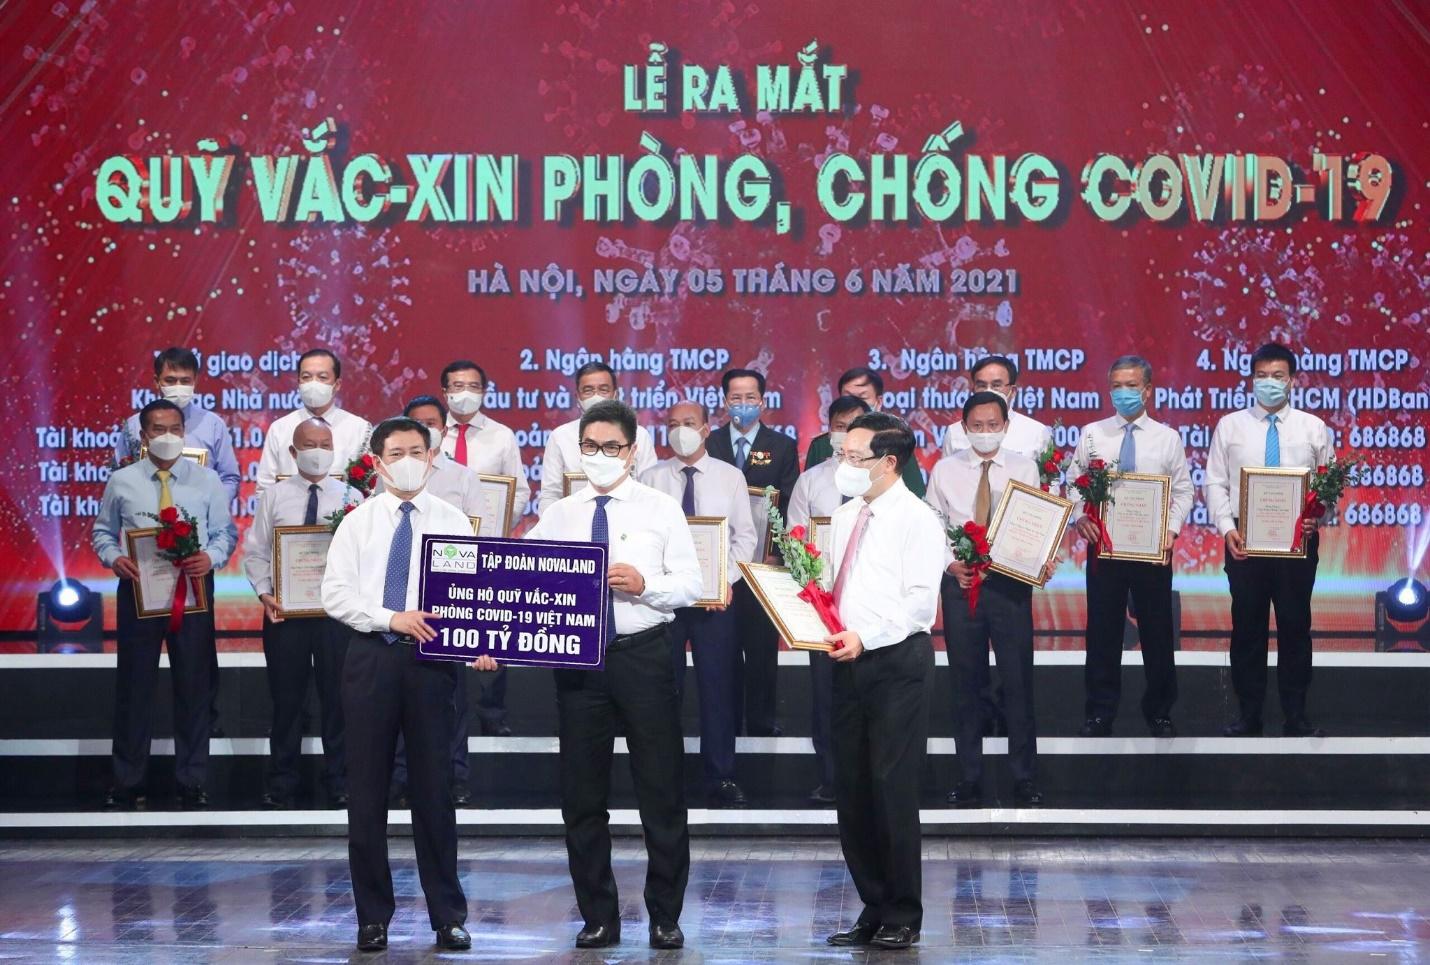 Novaland hỗ trợ trang thiết bị y tế cho Bình Thuận phòng, chống COVID-19 - Ảnh 3.